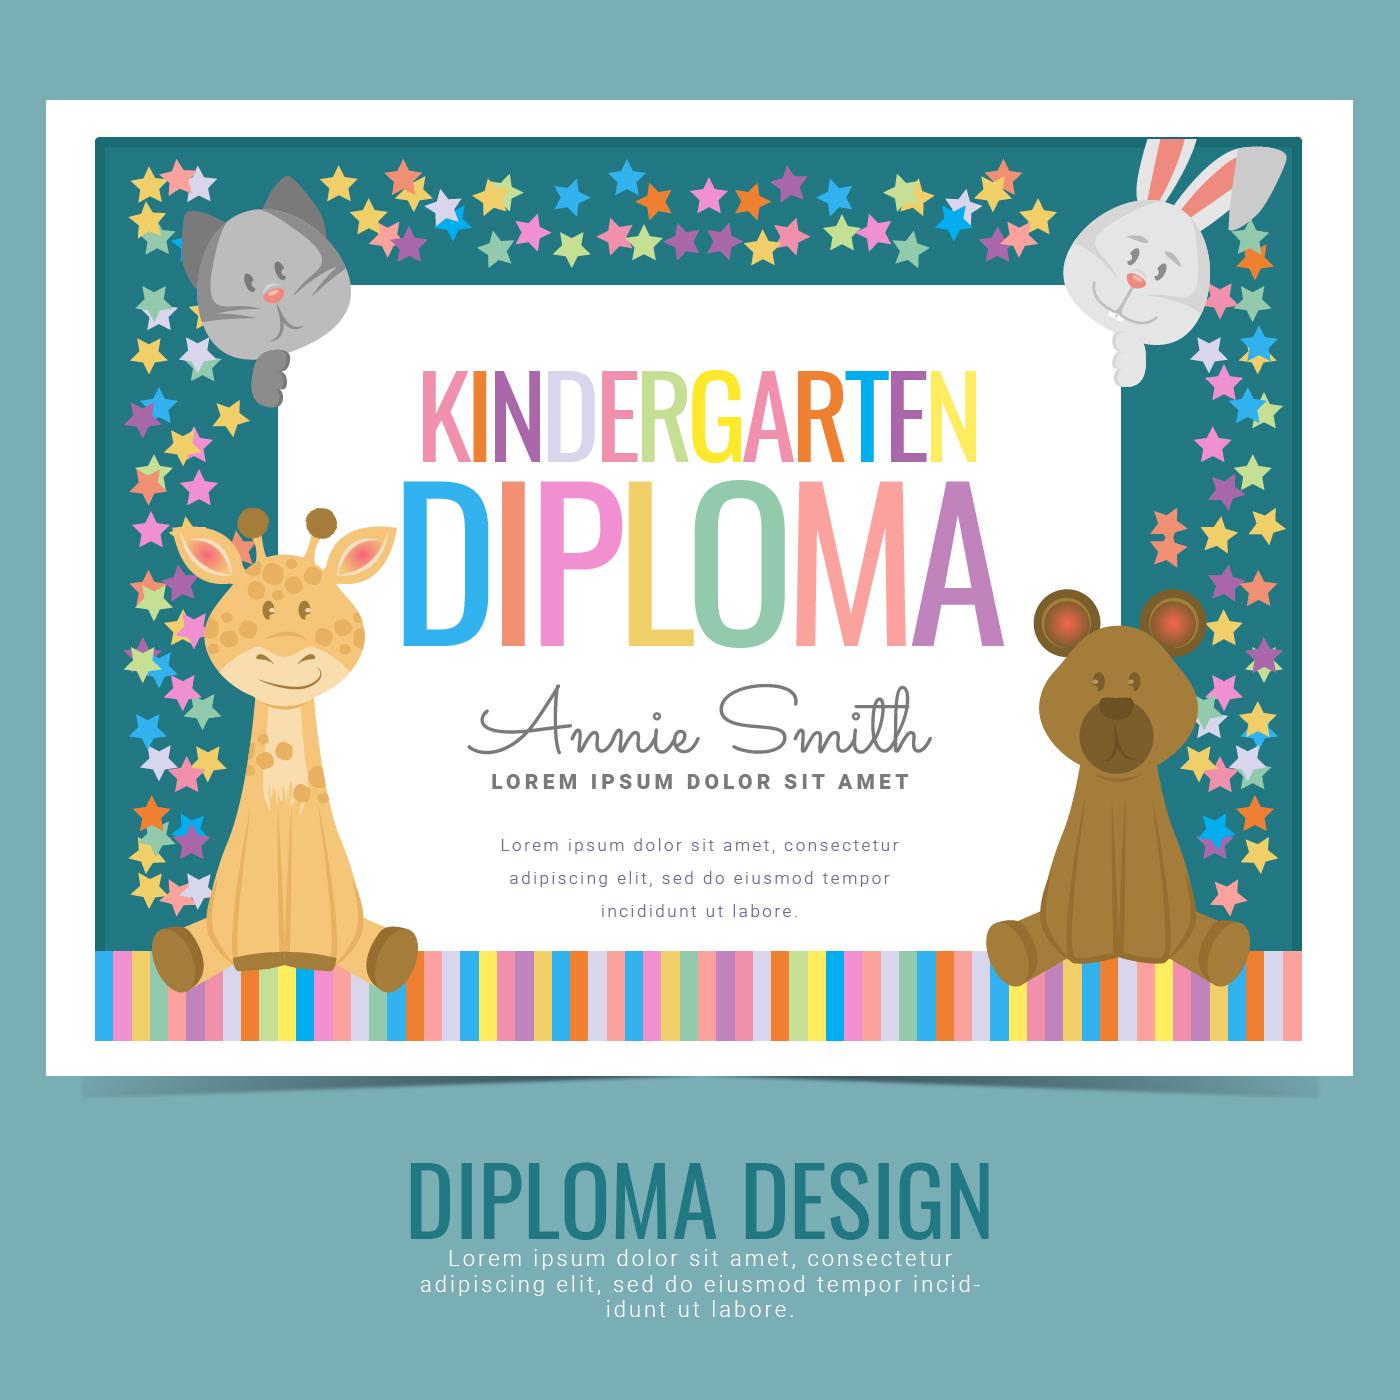 Vector Kindergarten Diploma - Download Free Vector Art, Stock ...